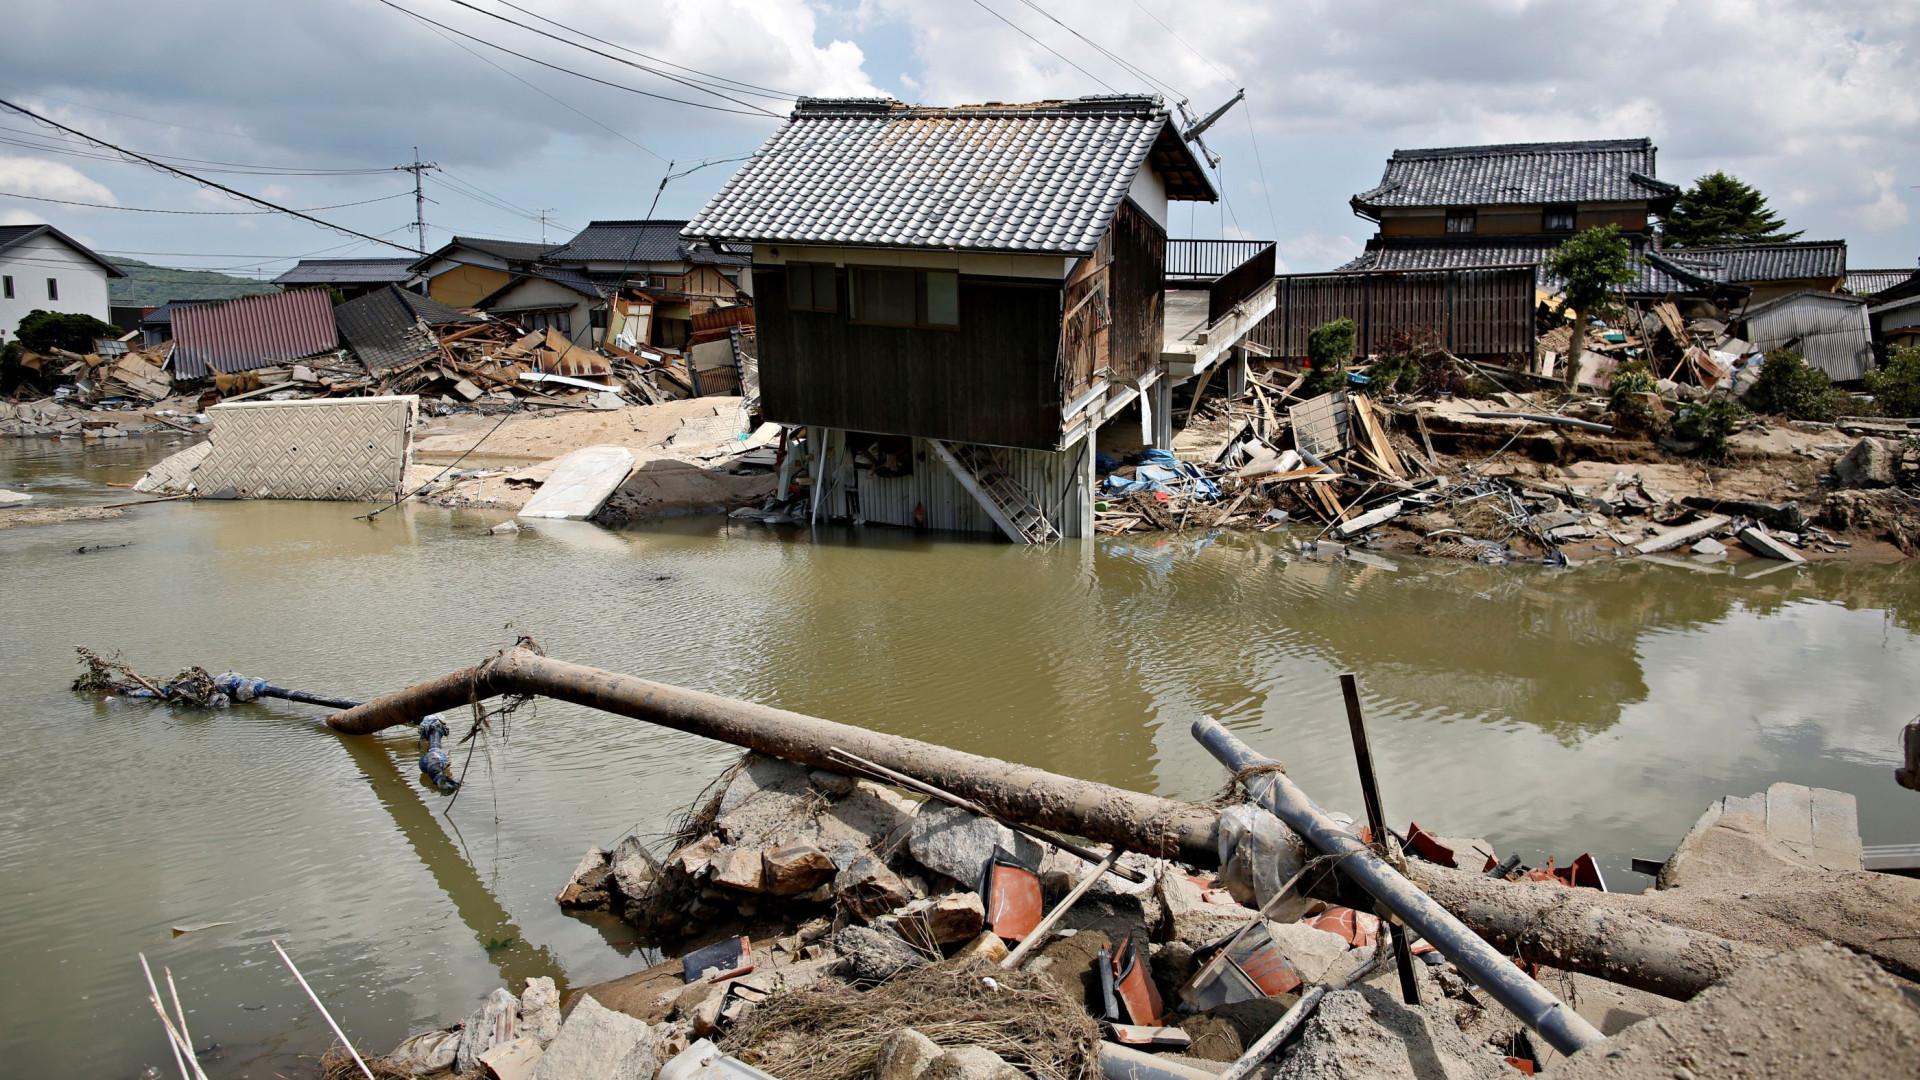 Mais de 150 mortos devido às chuvas torrenciais no Japão